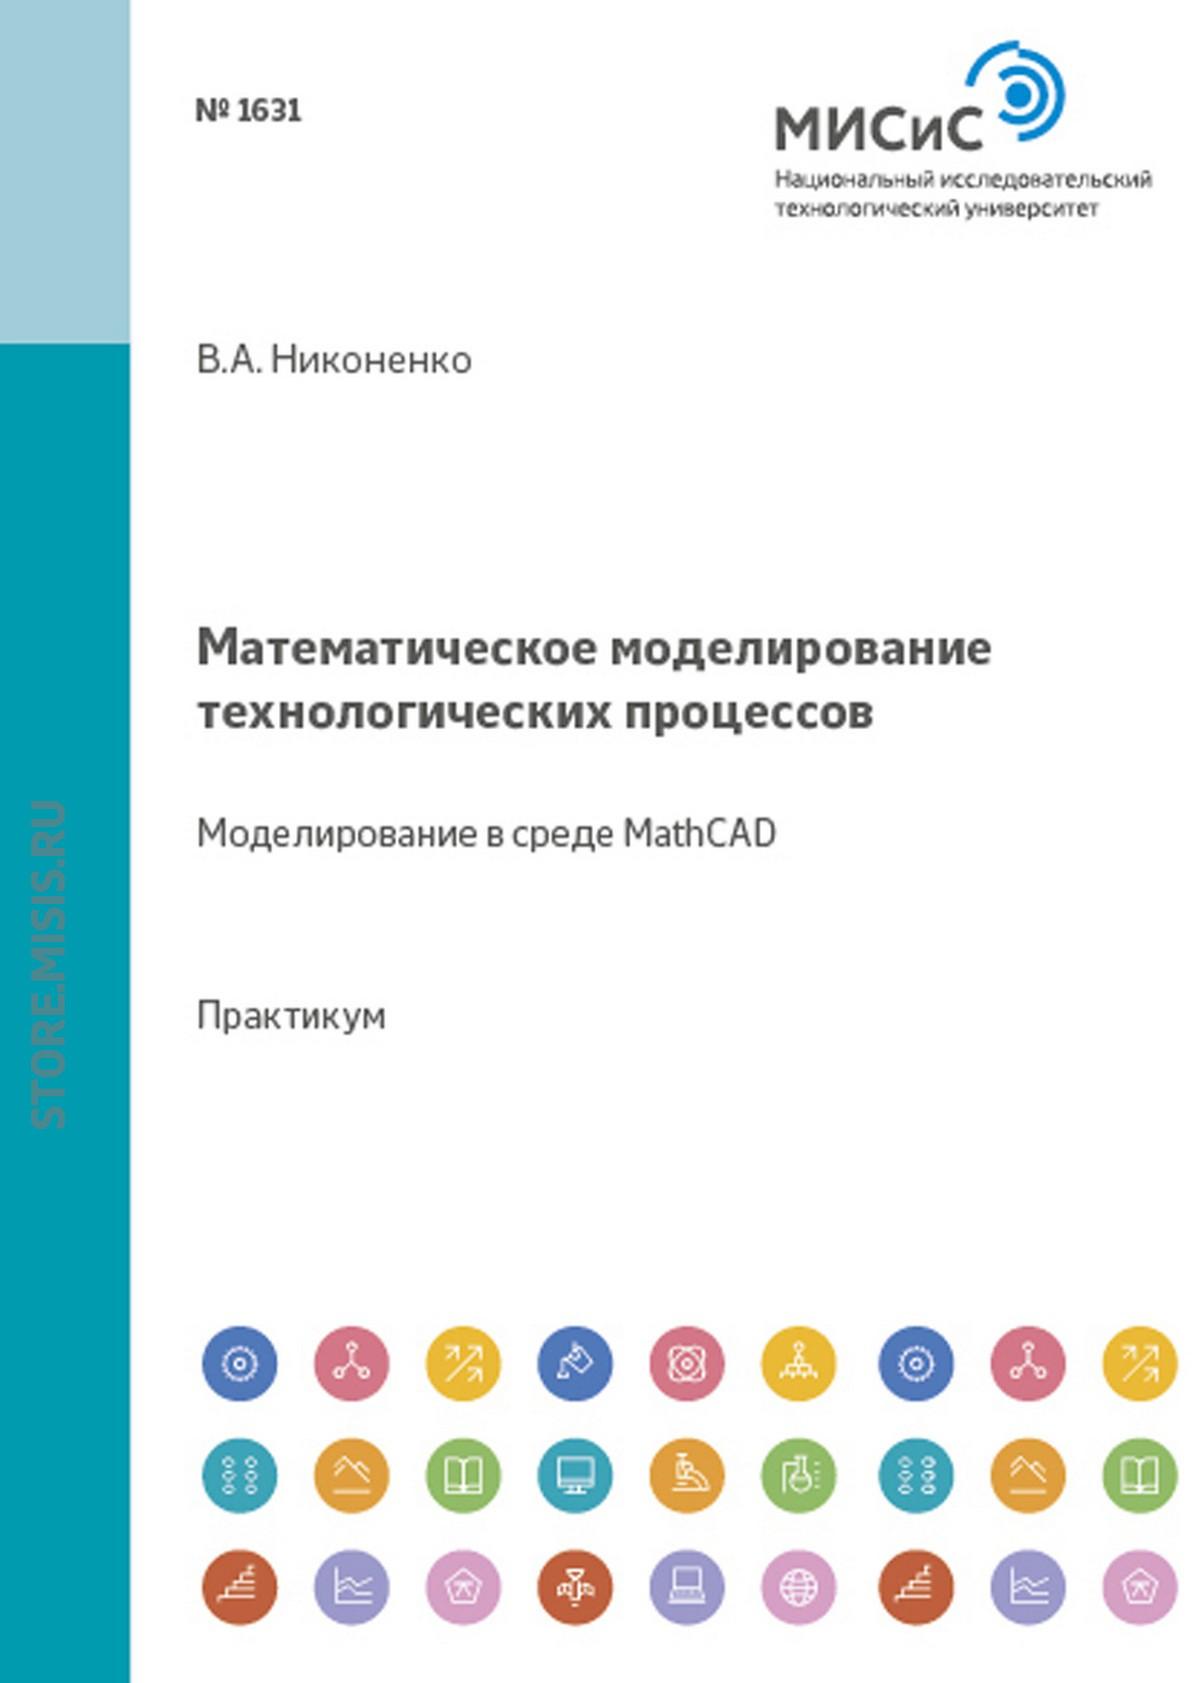 Виктор Никоненко Математическое моделирование технологических процессов. Моделирование в среде MathCAD